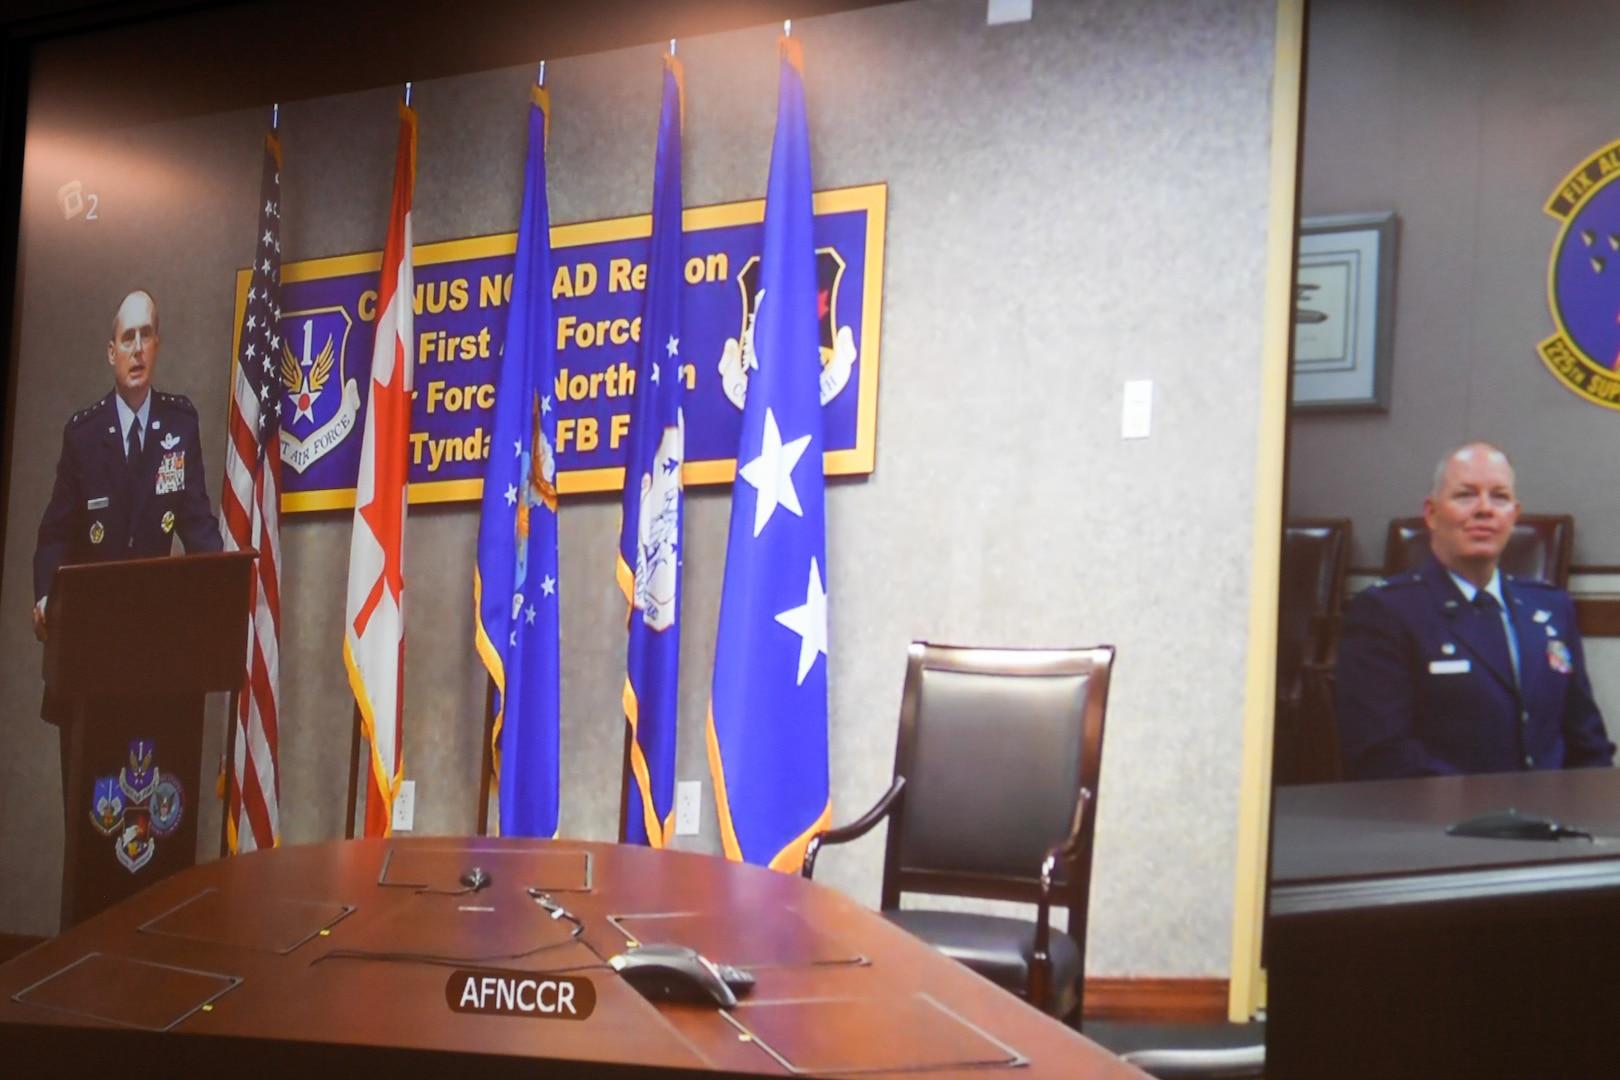 general officer talks at a podium